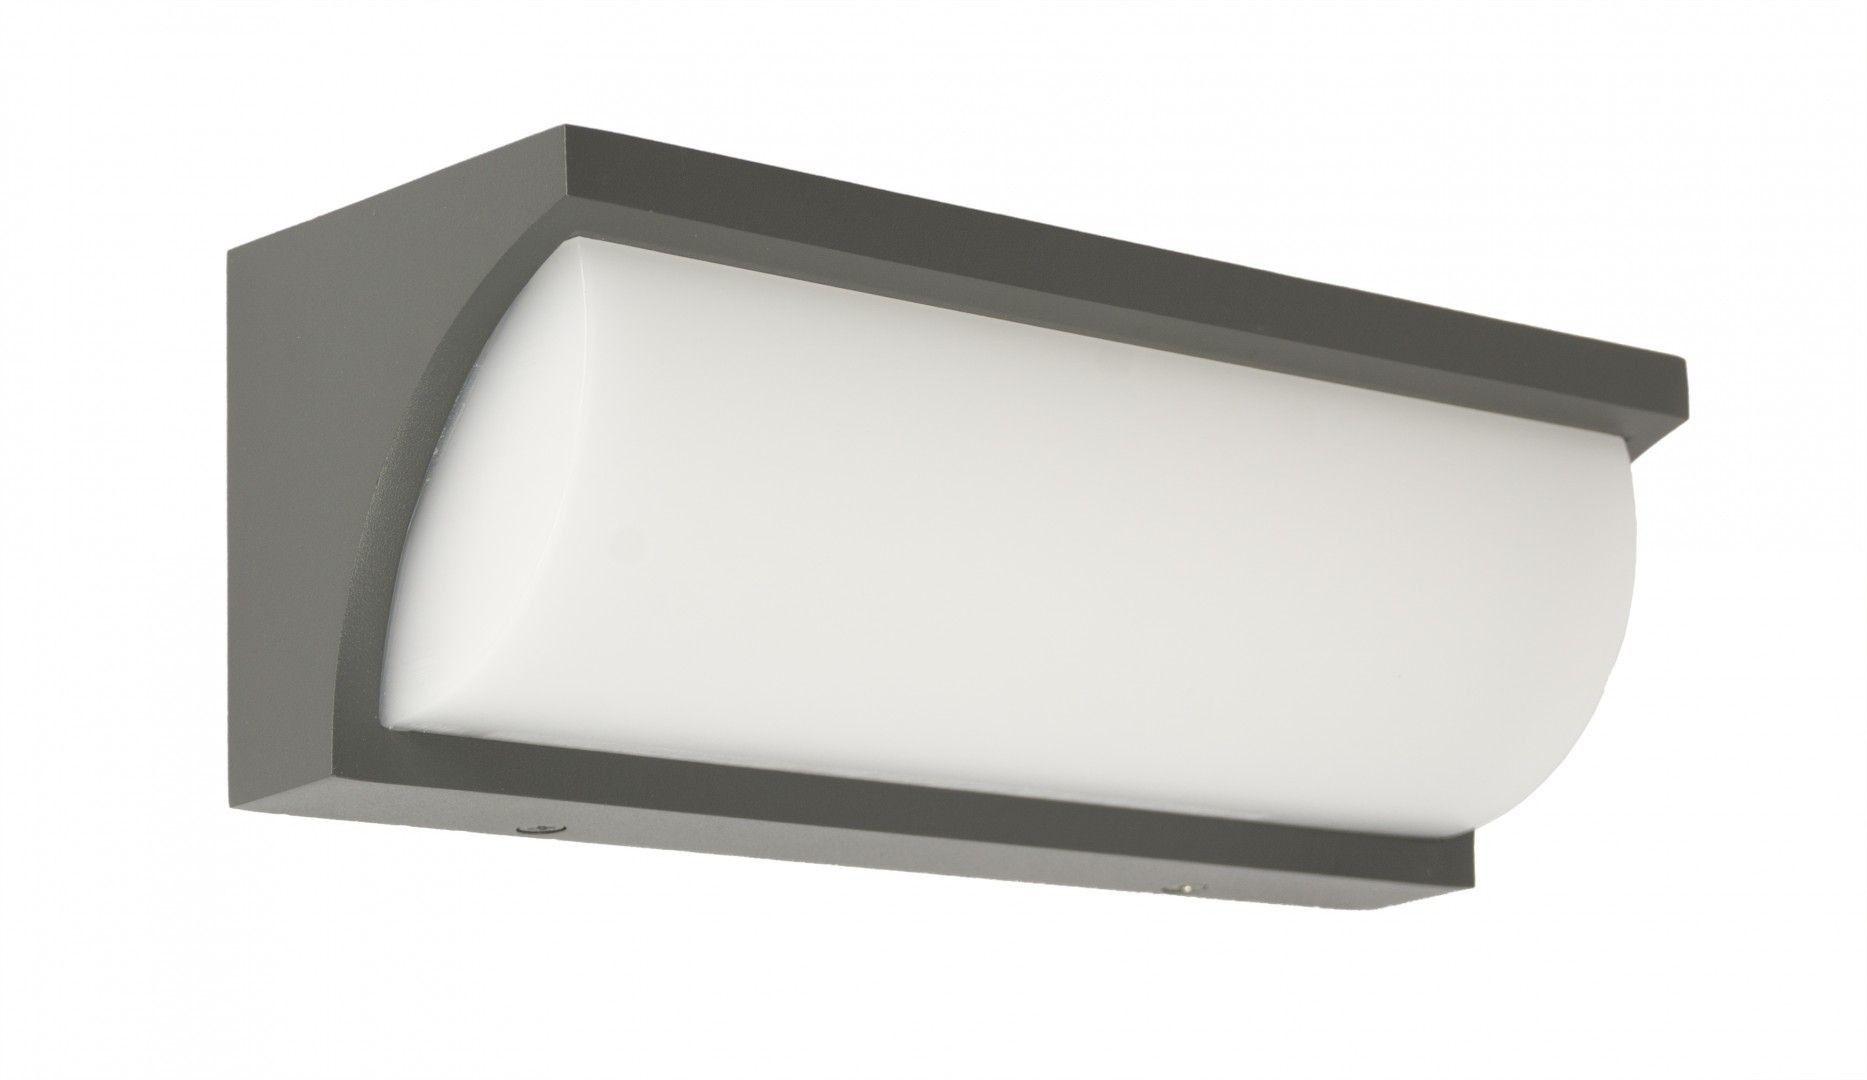 Kinkiet elewacyjny LED Mona IP65 13W antracyt MN19301 - Su-ma Do -17% rabatu w koszyku i darmowa dostawa od 299zł !